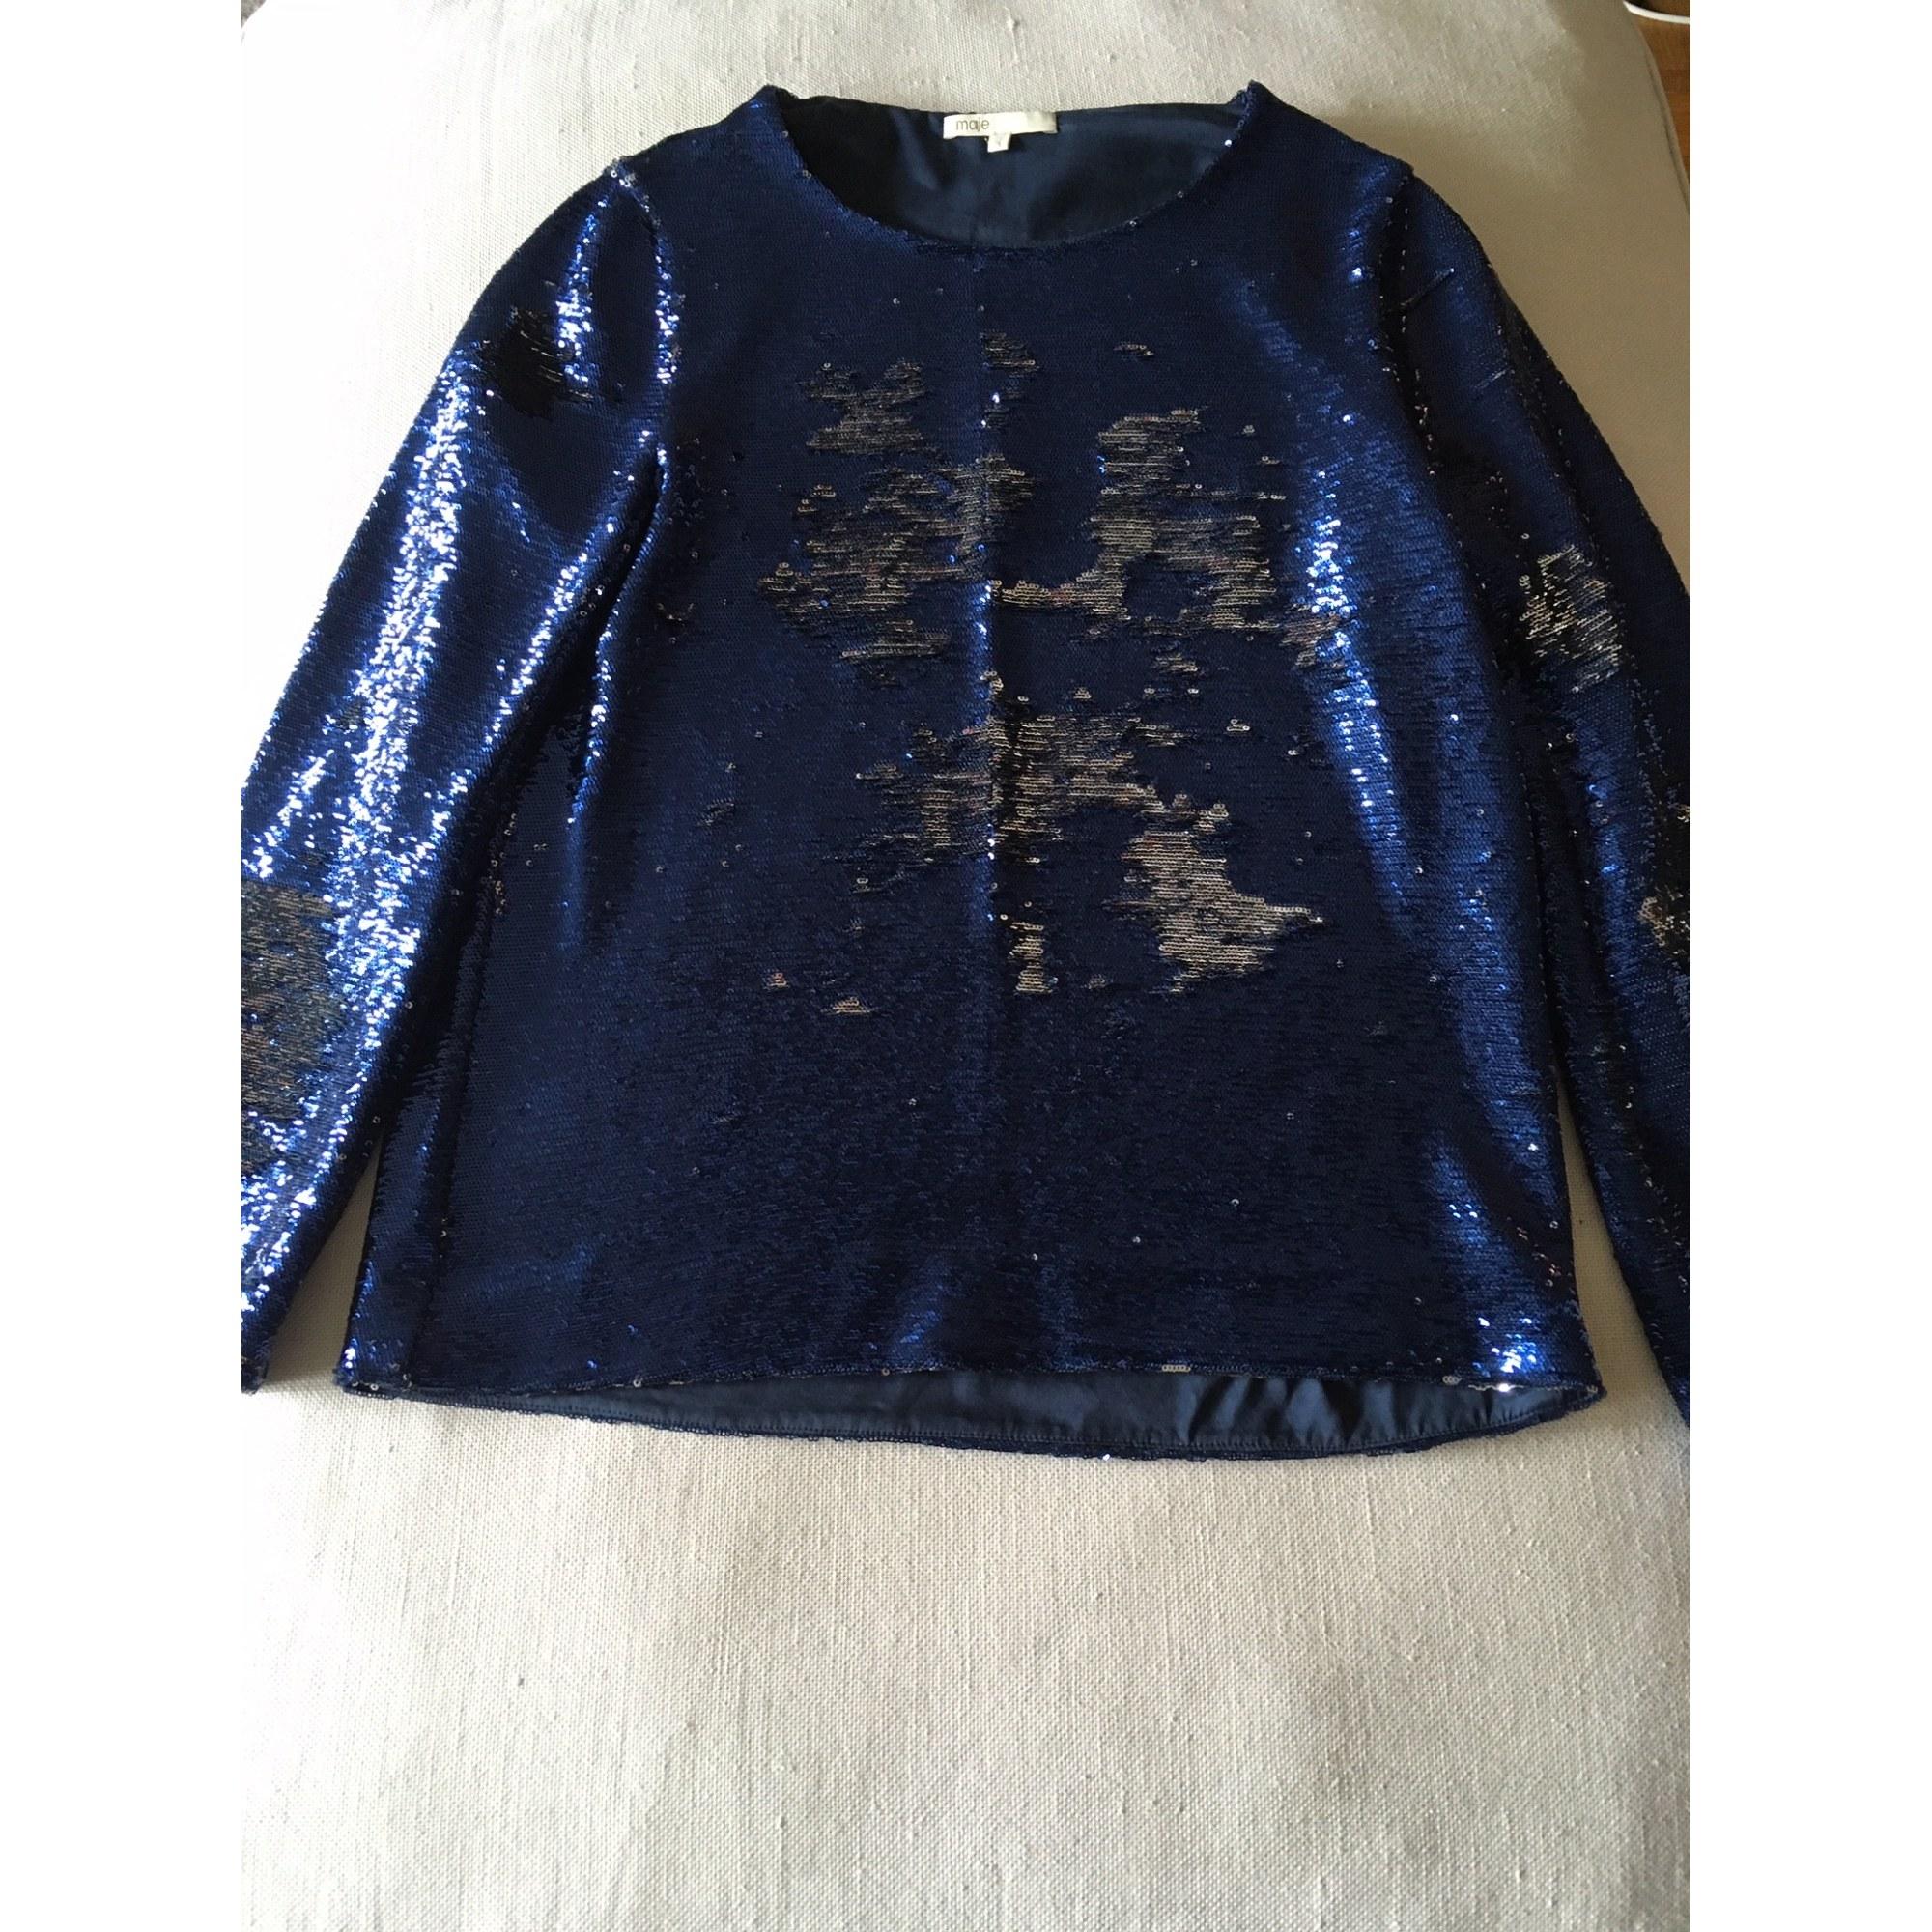 Maje Top, tee-shirt a paillettes 40 (L, T3)